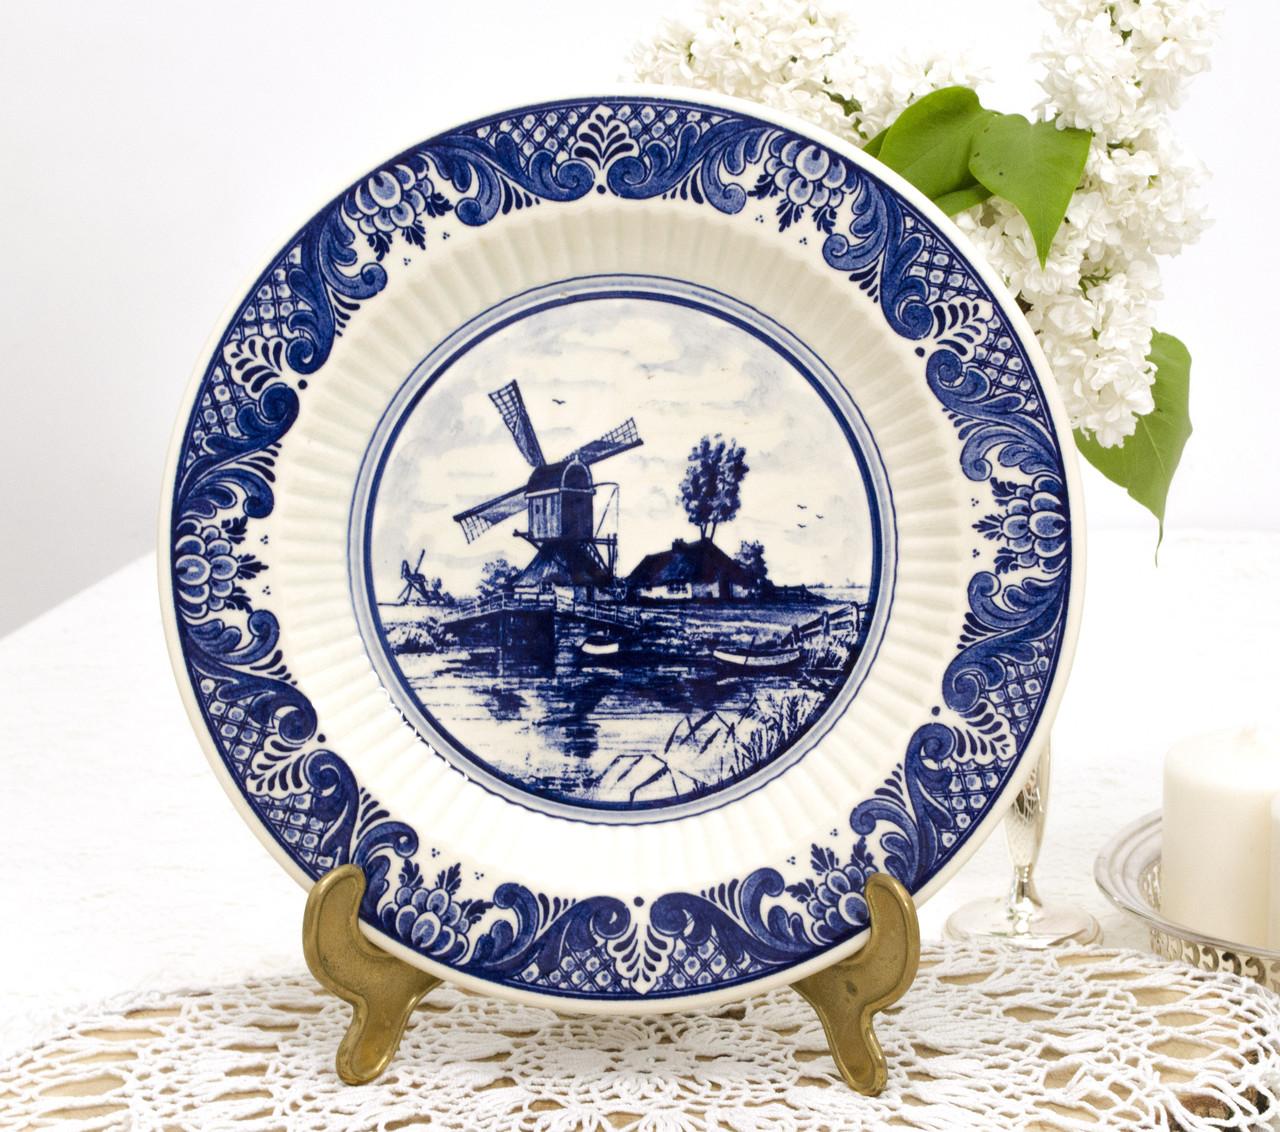 Настенная фарфоровая тарелка с мельницей, делфтский фарфор, Делфт, Delft, Голландия